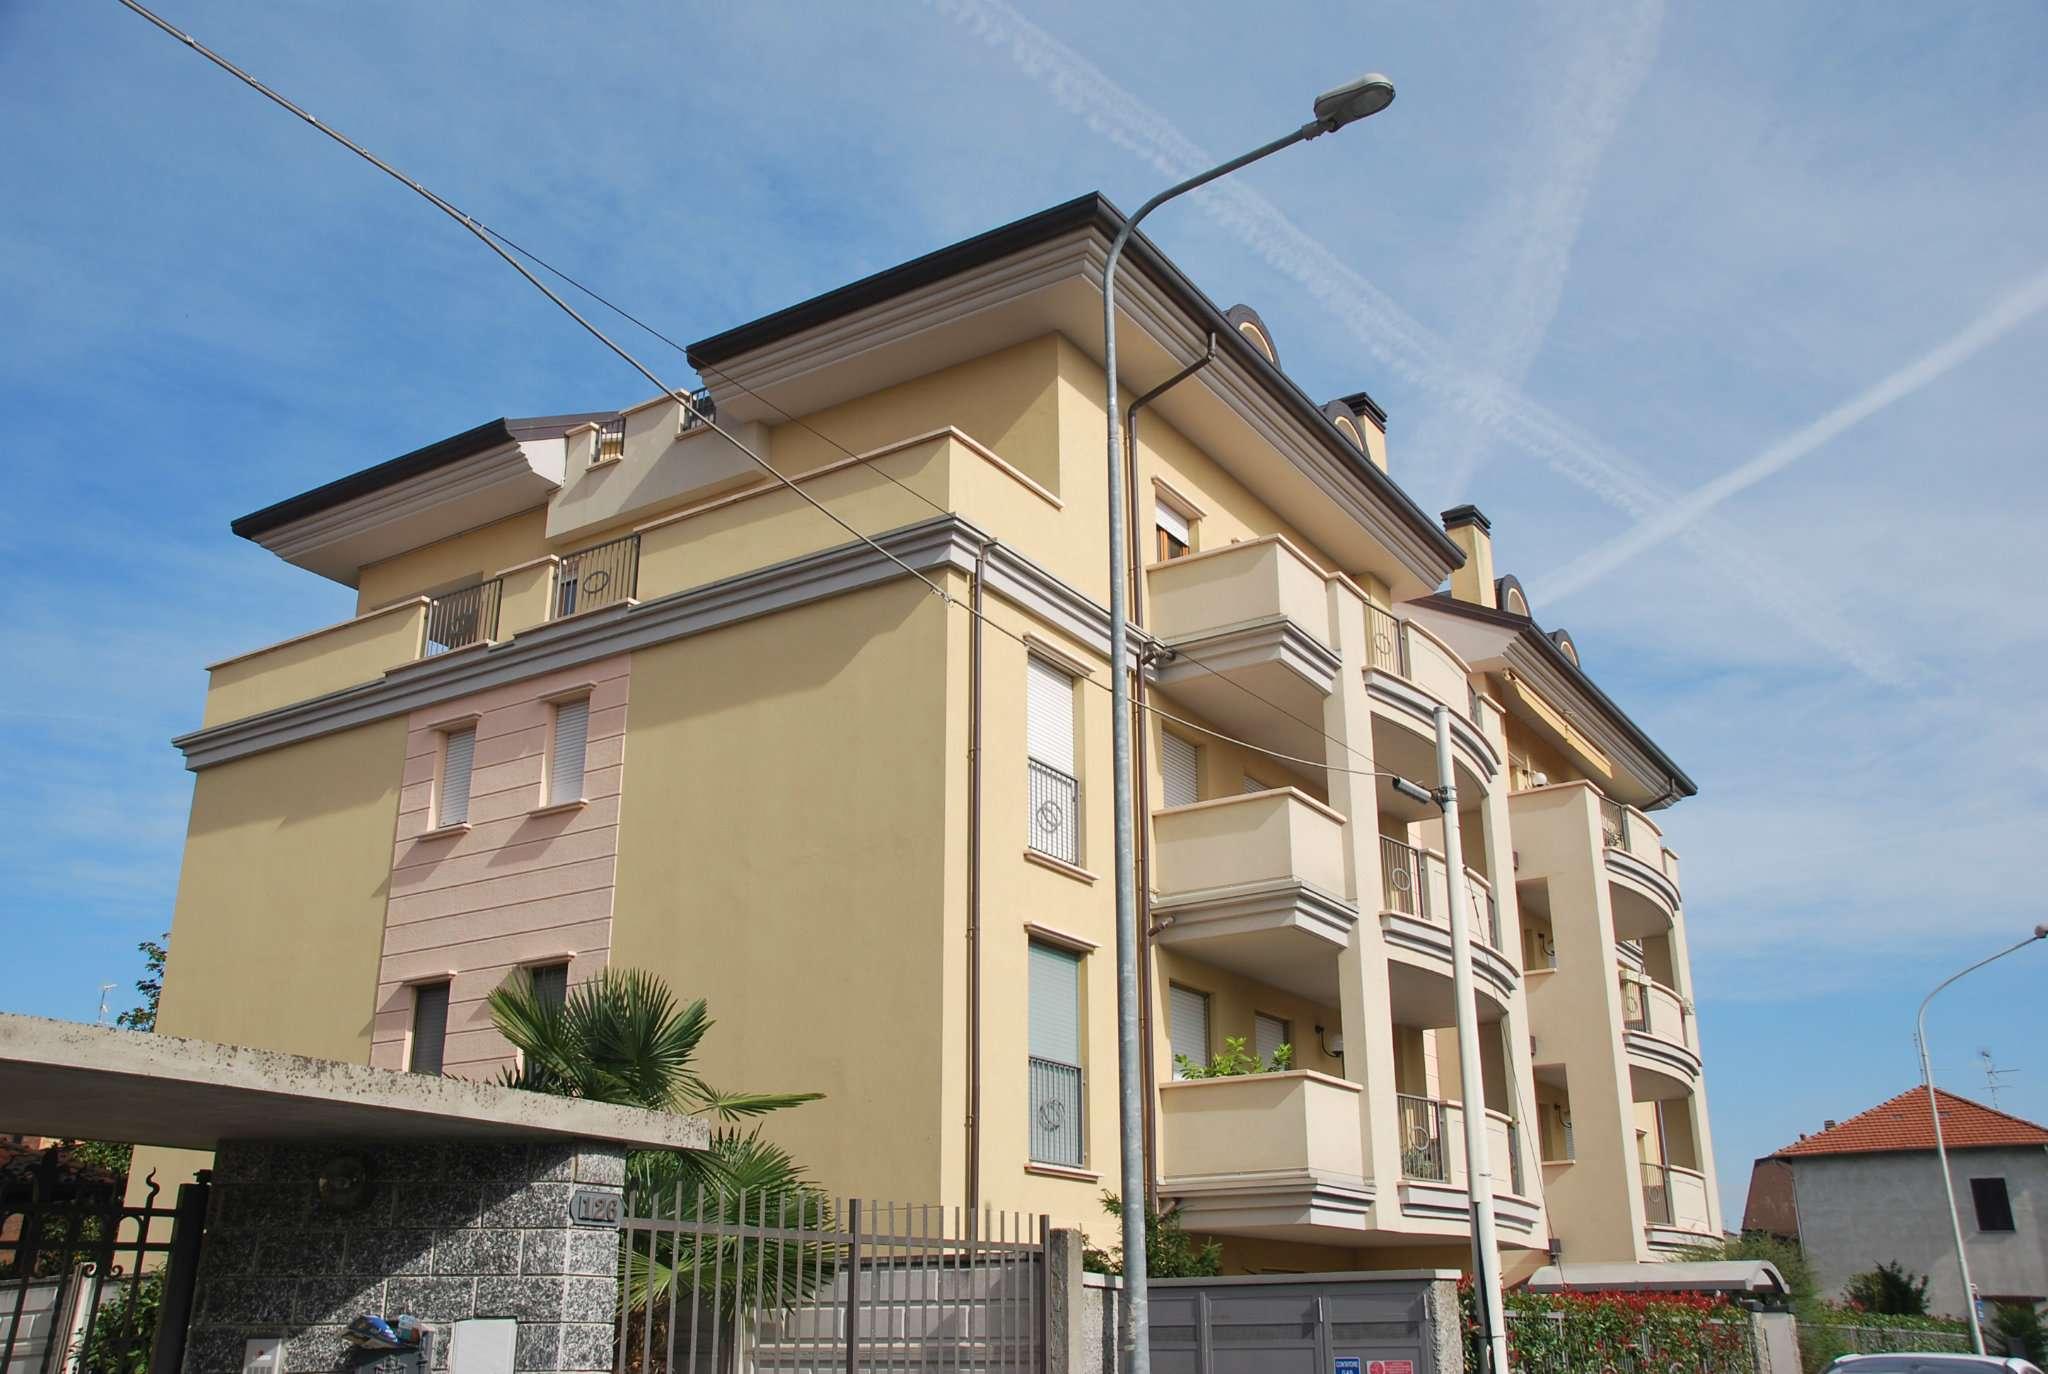 Appartamento in vendita a Legnano, 3 locali, prezzo € 200.000 | PortaleAgenzieImmobiliari.it